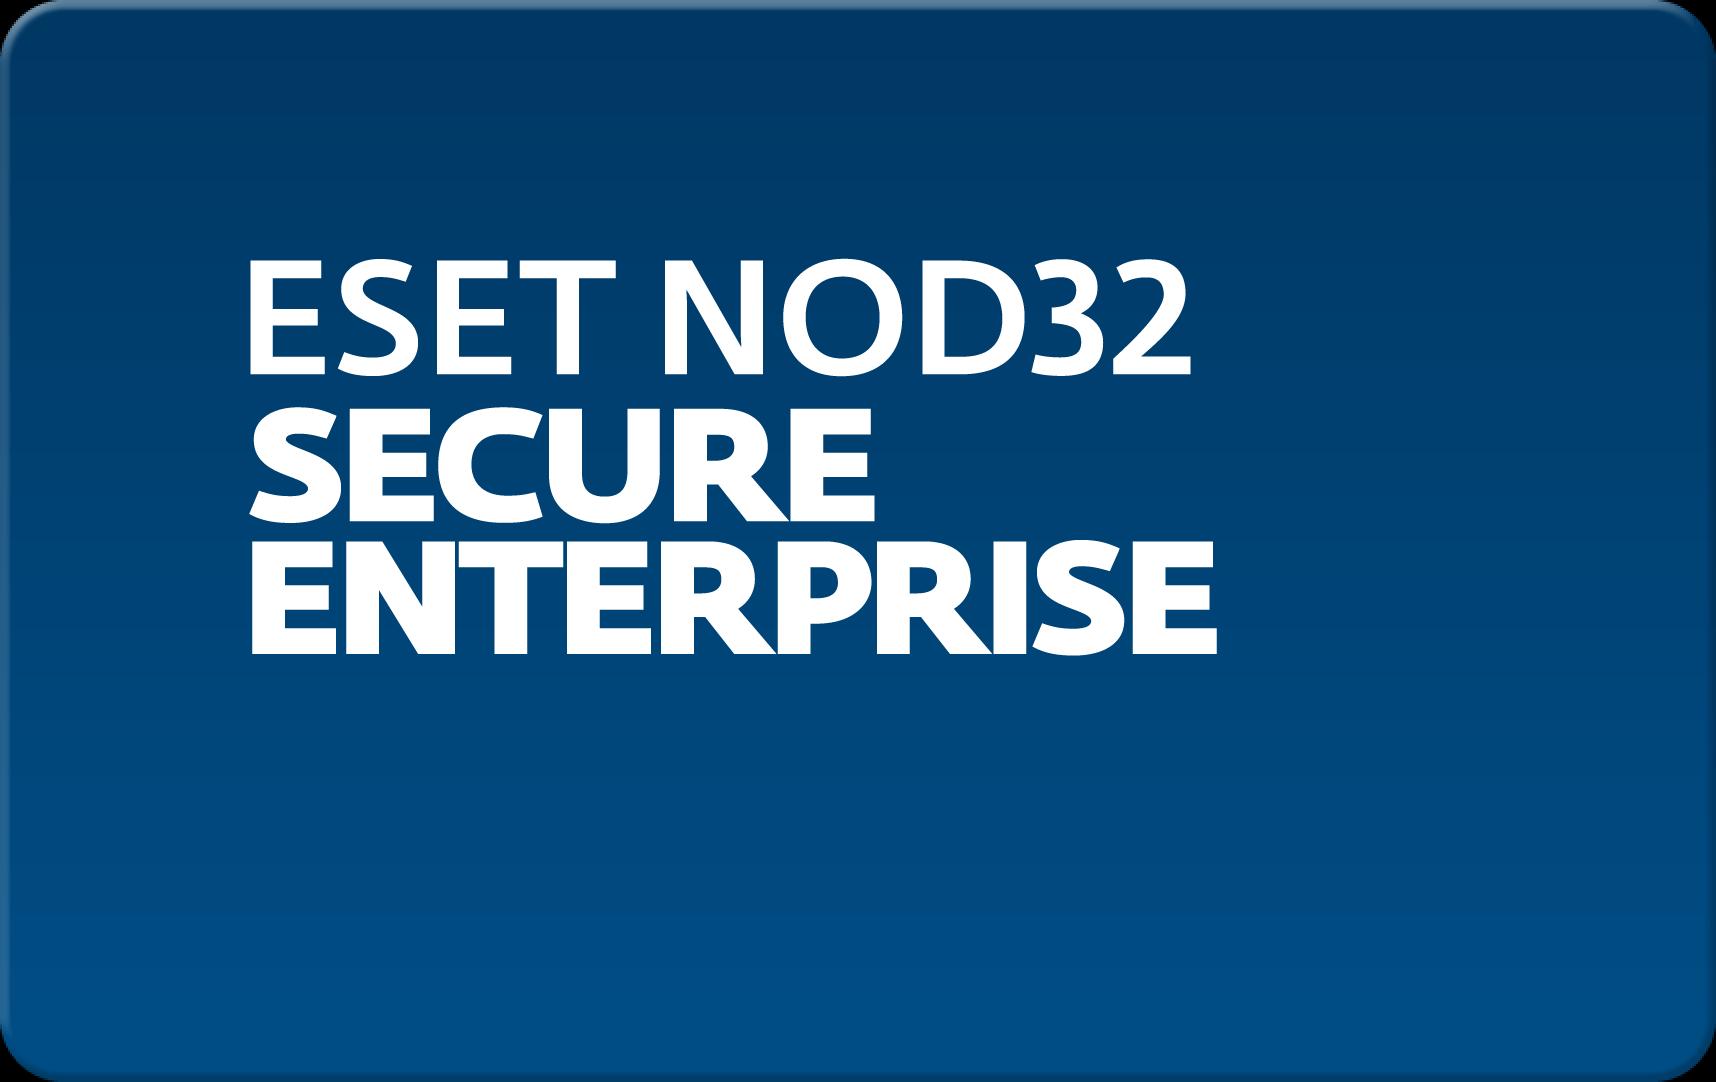 Кроссплатформенная антивирусная защита всех узлов корпоративной сети Eset NOD32 Secure Enterprise  для 197 пользователей